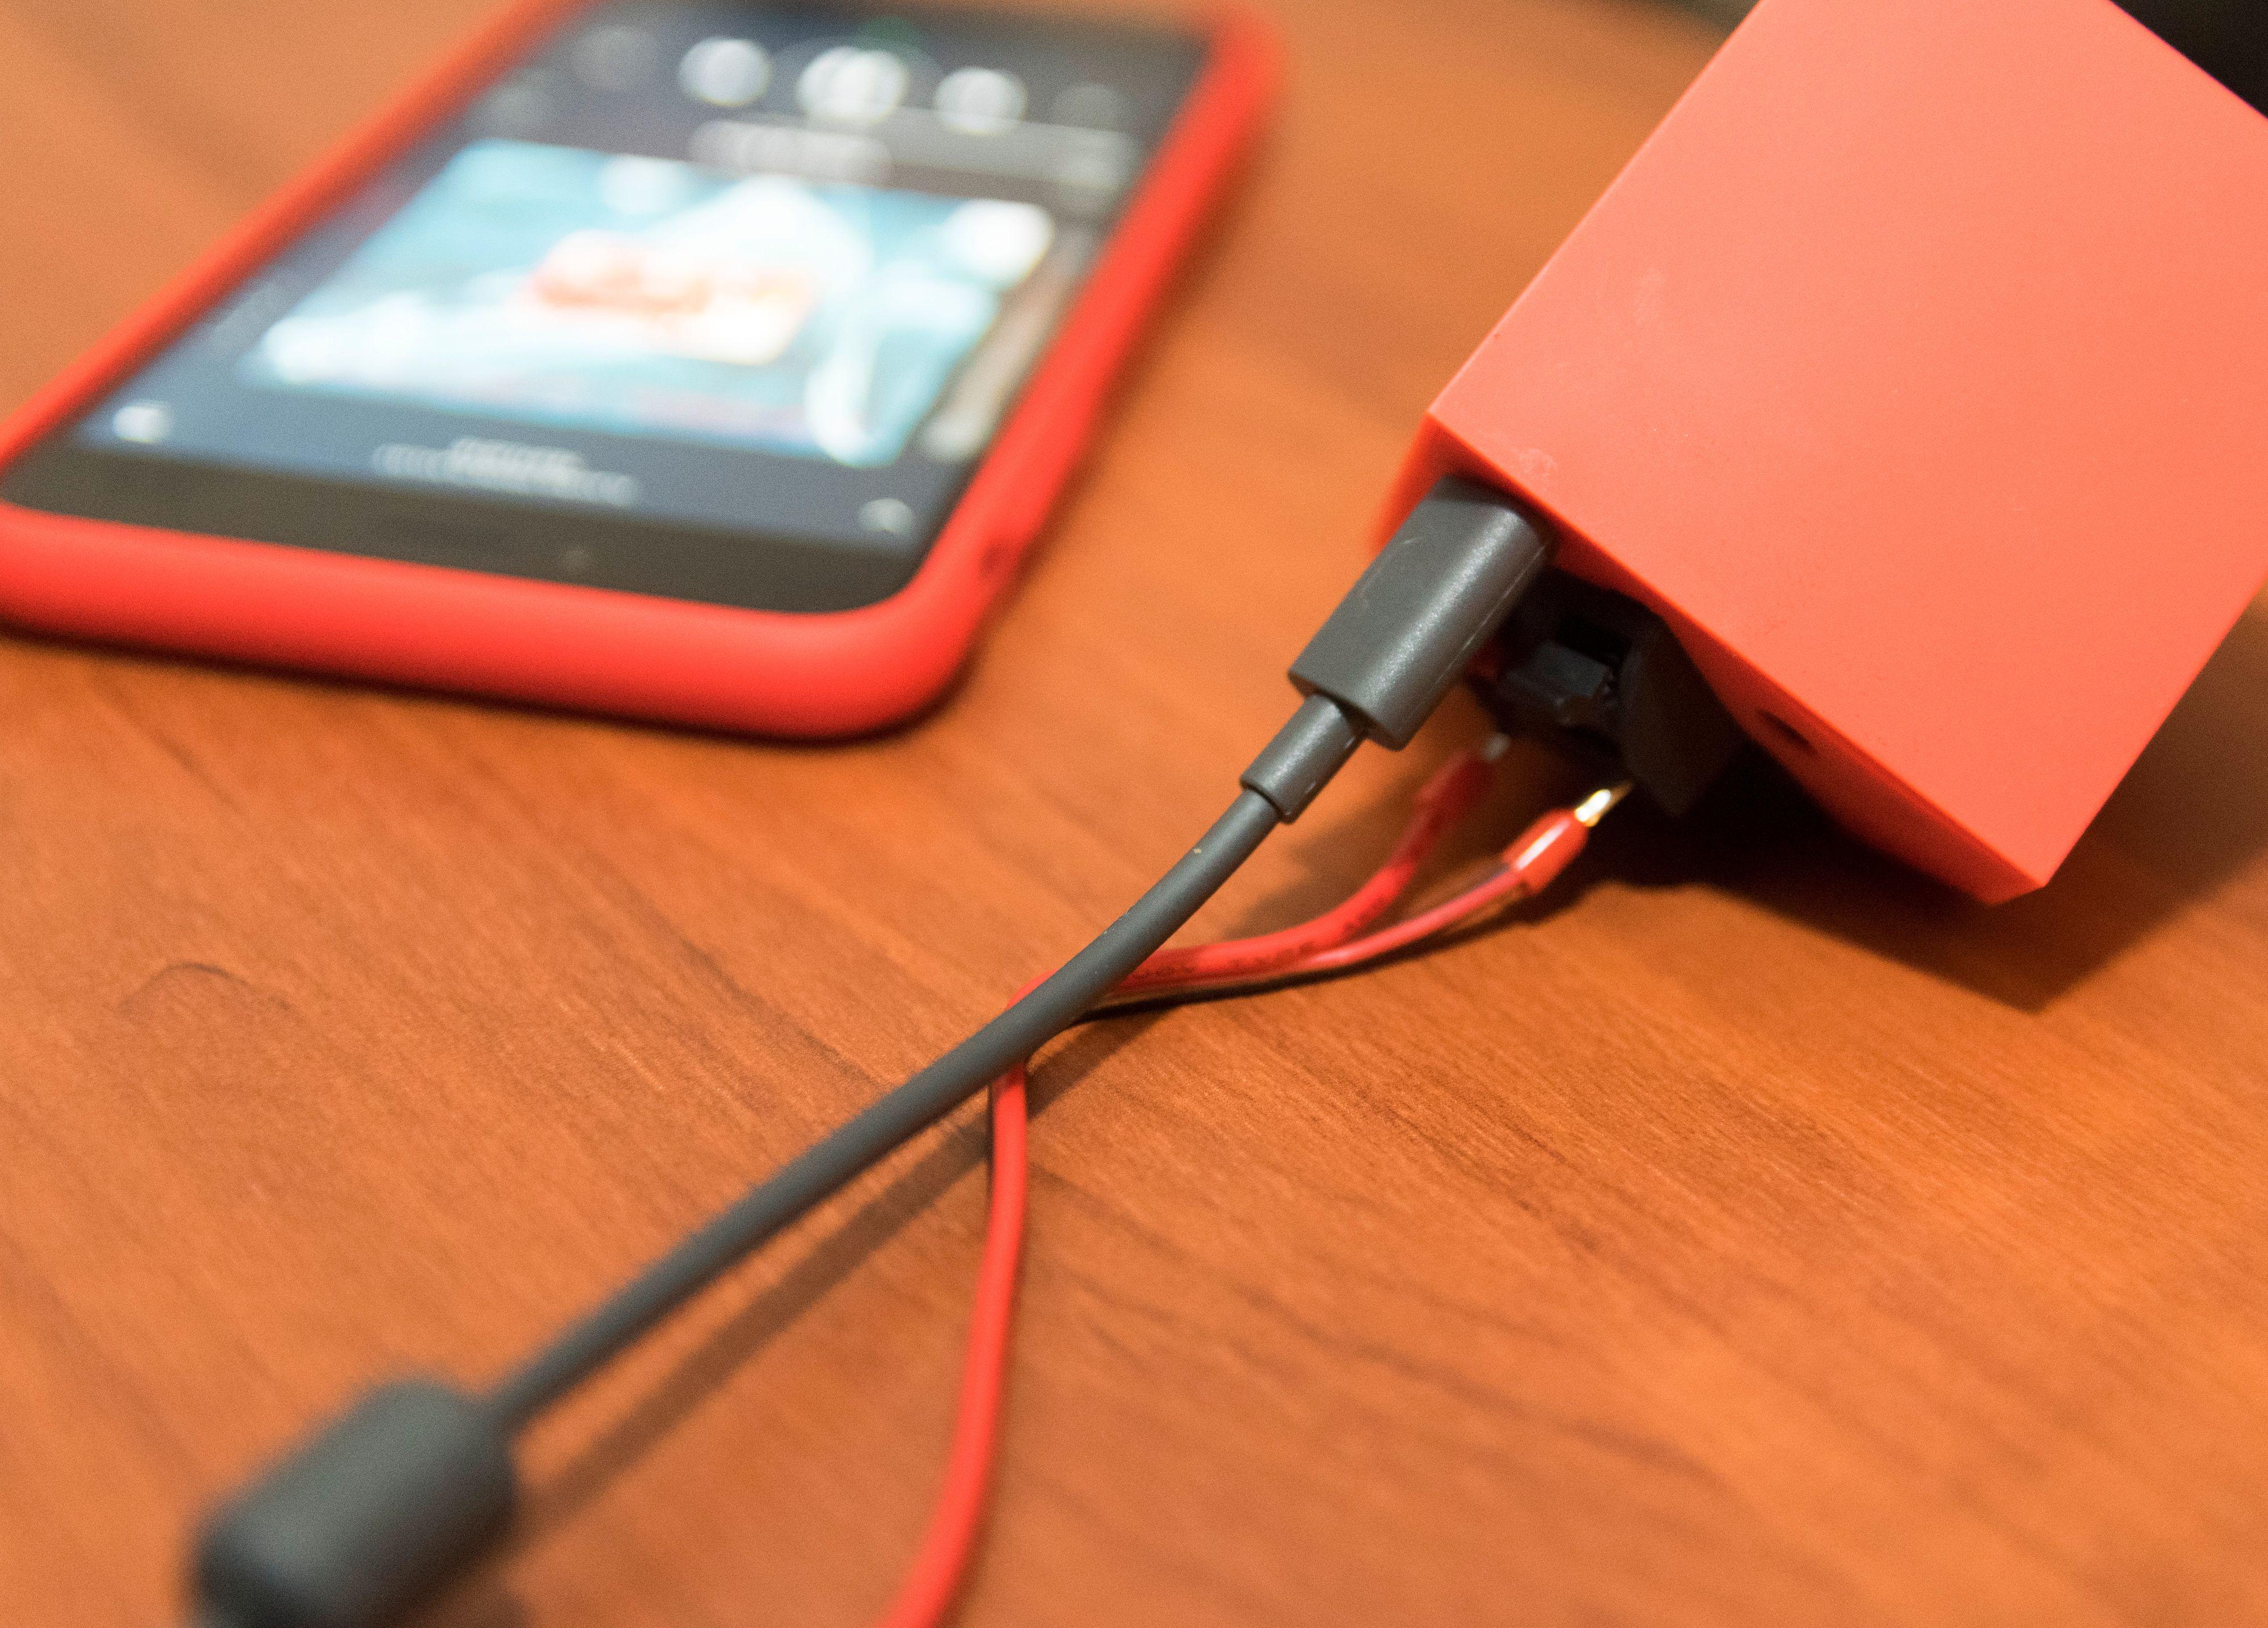 The Vamp kan brukes på batteridrift alene, eller kobles til en mobillader. Foto: Finn Jarle Kvalheim, Tek.no